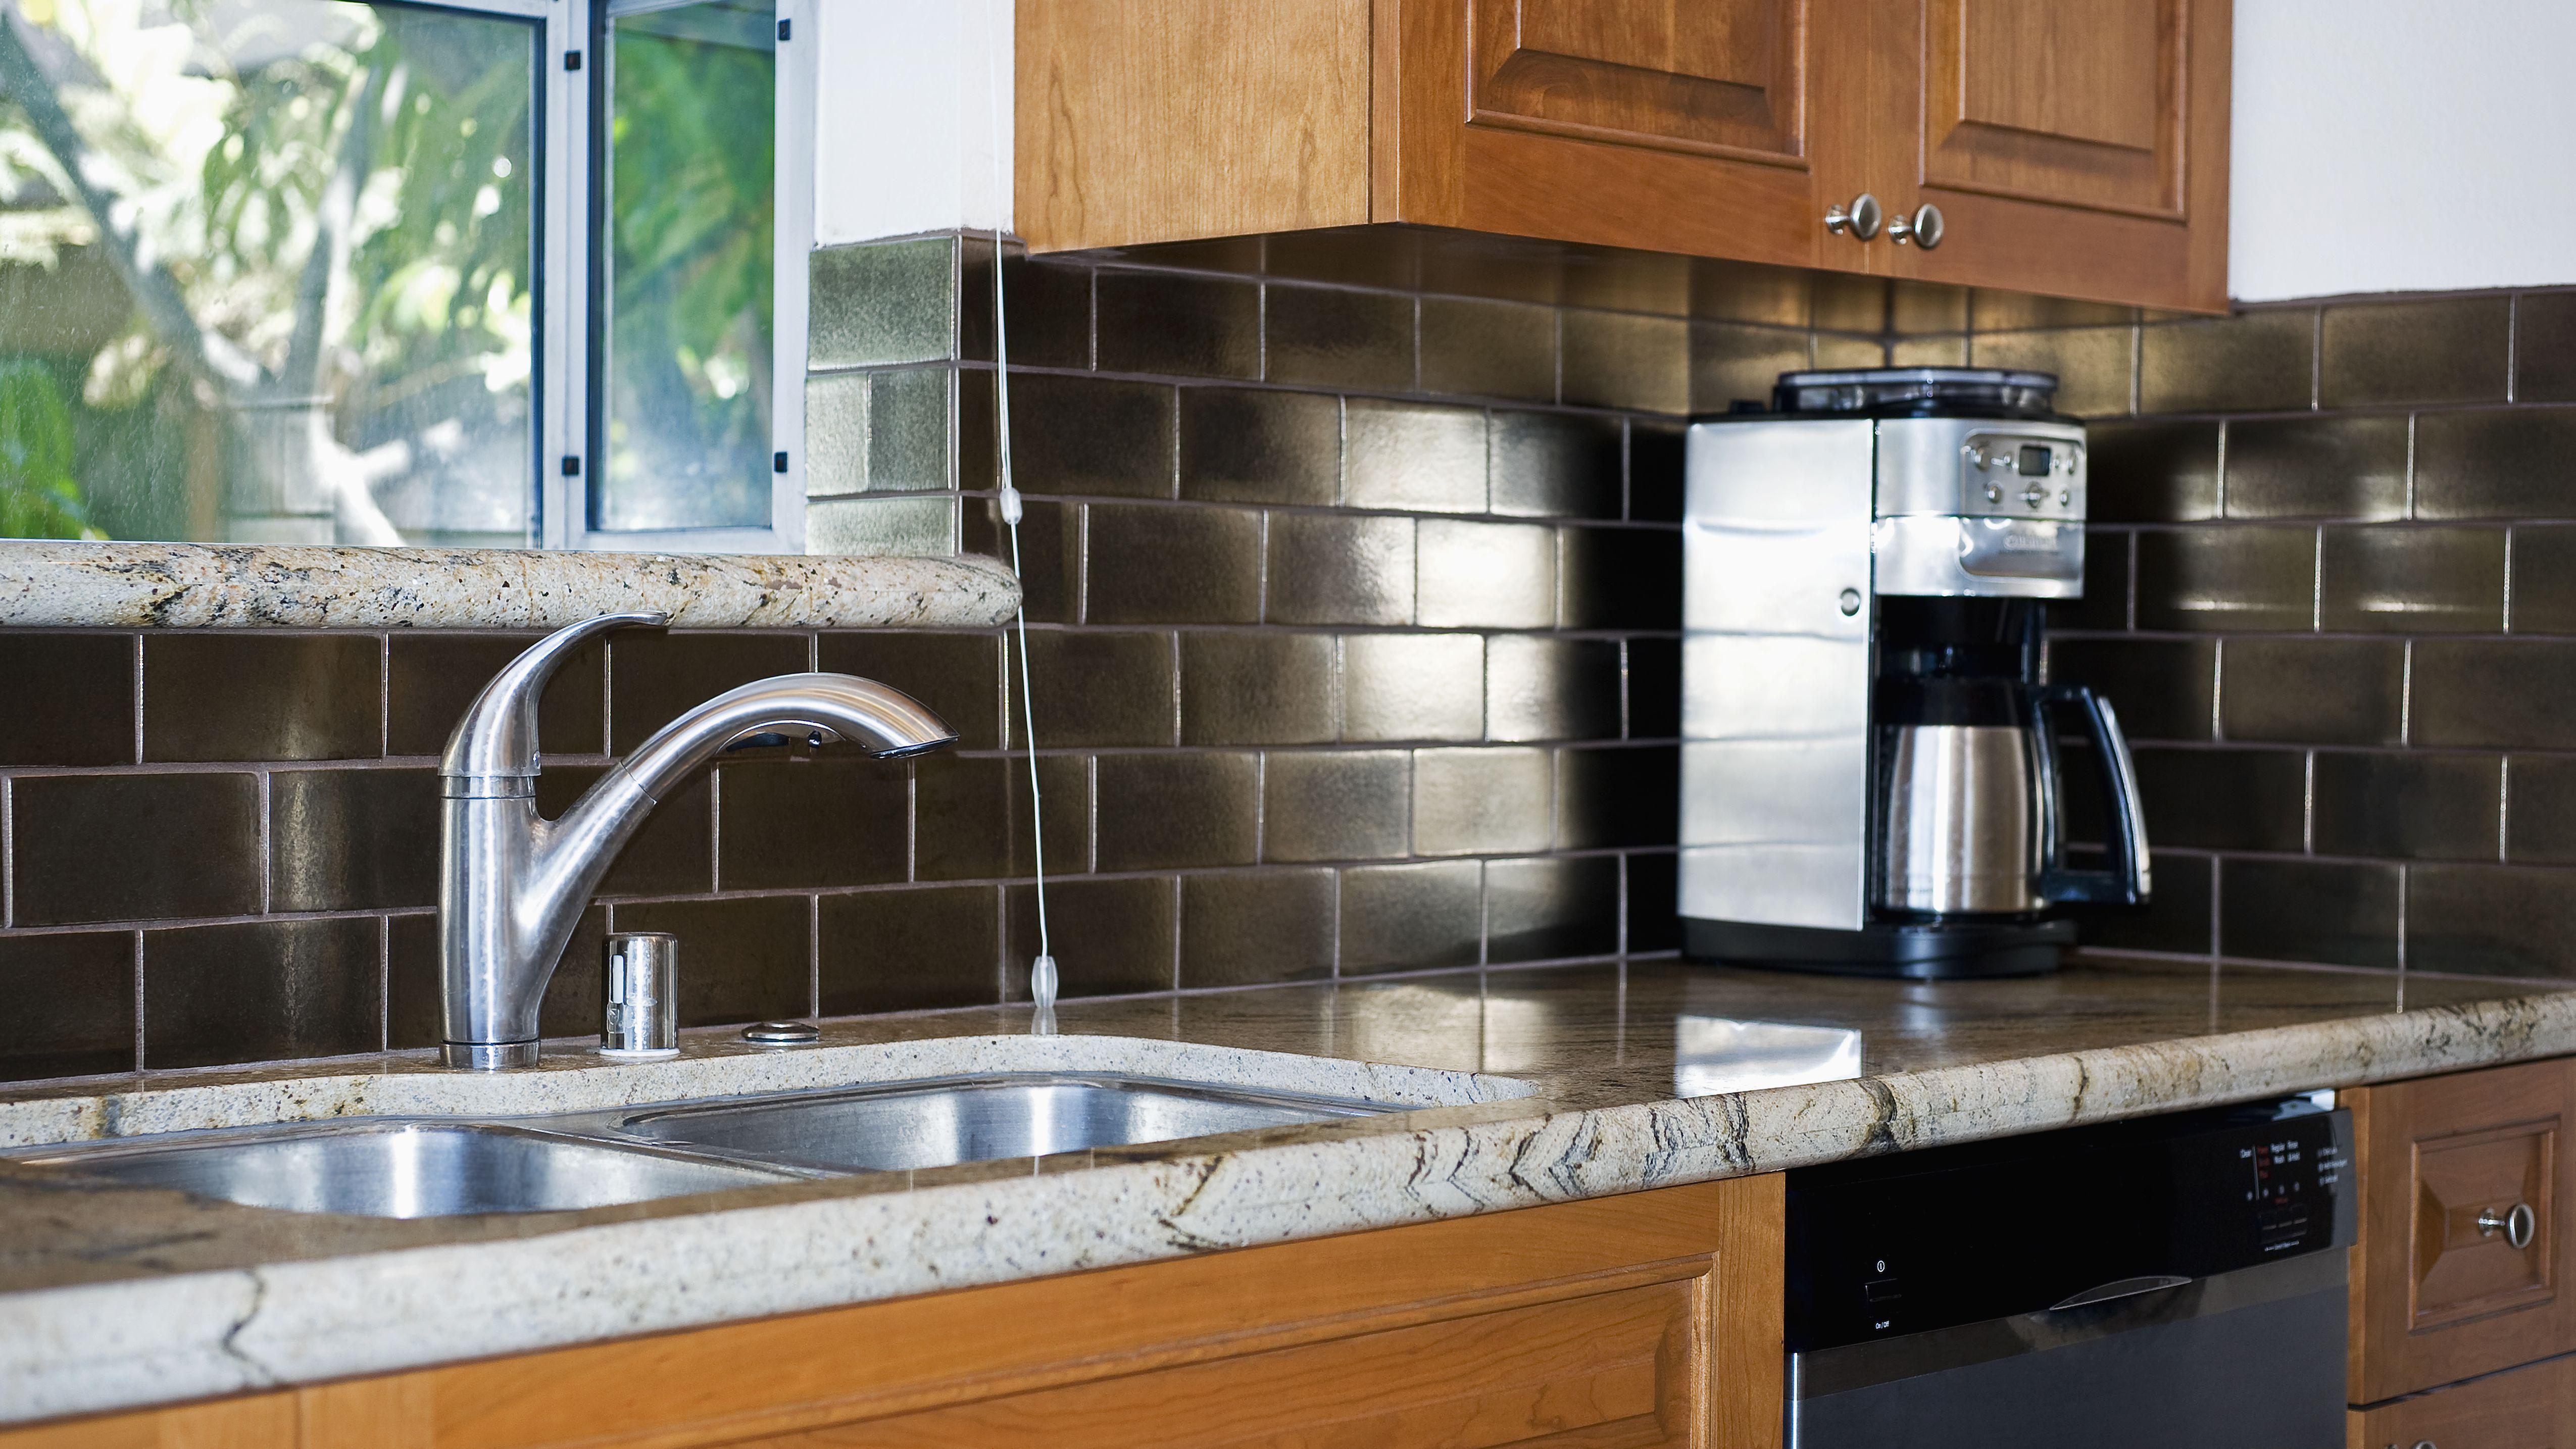 - Peel And Stick Backsplash Tile Guide